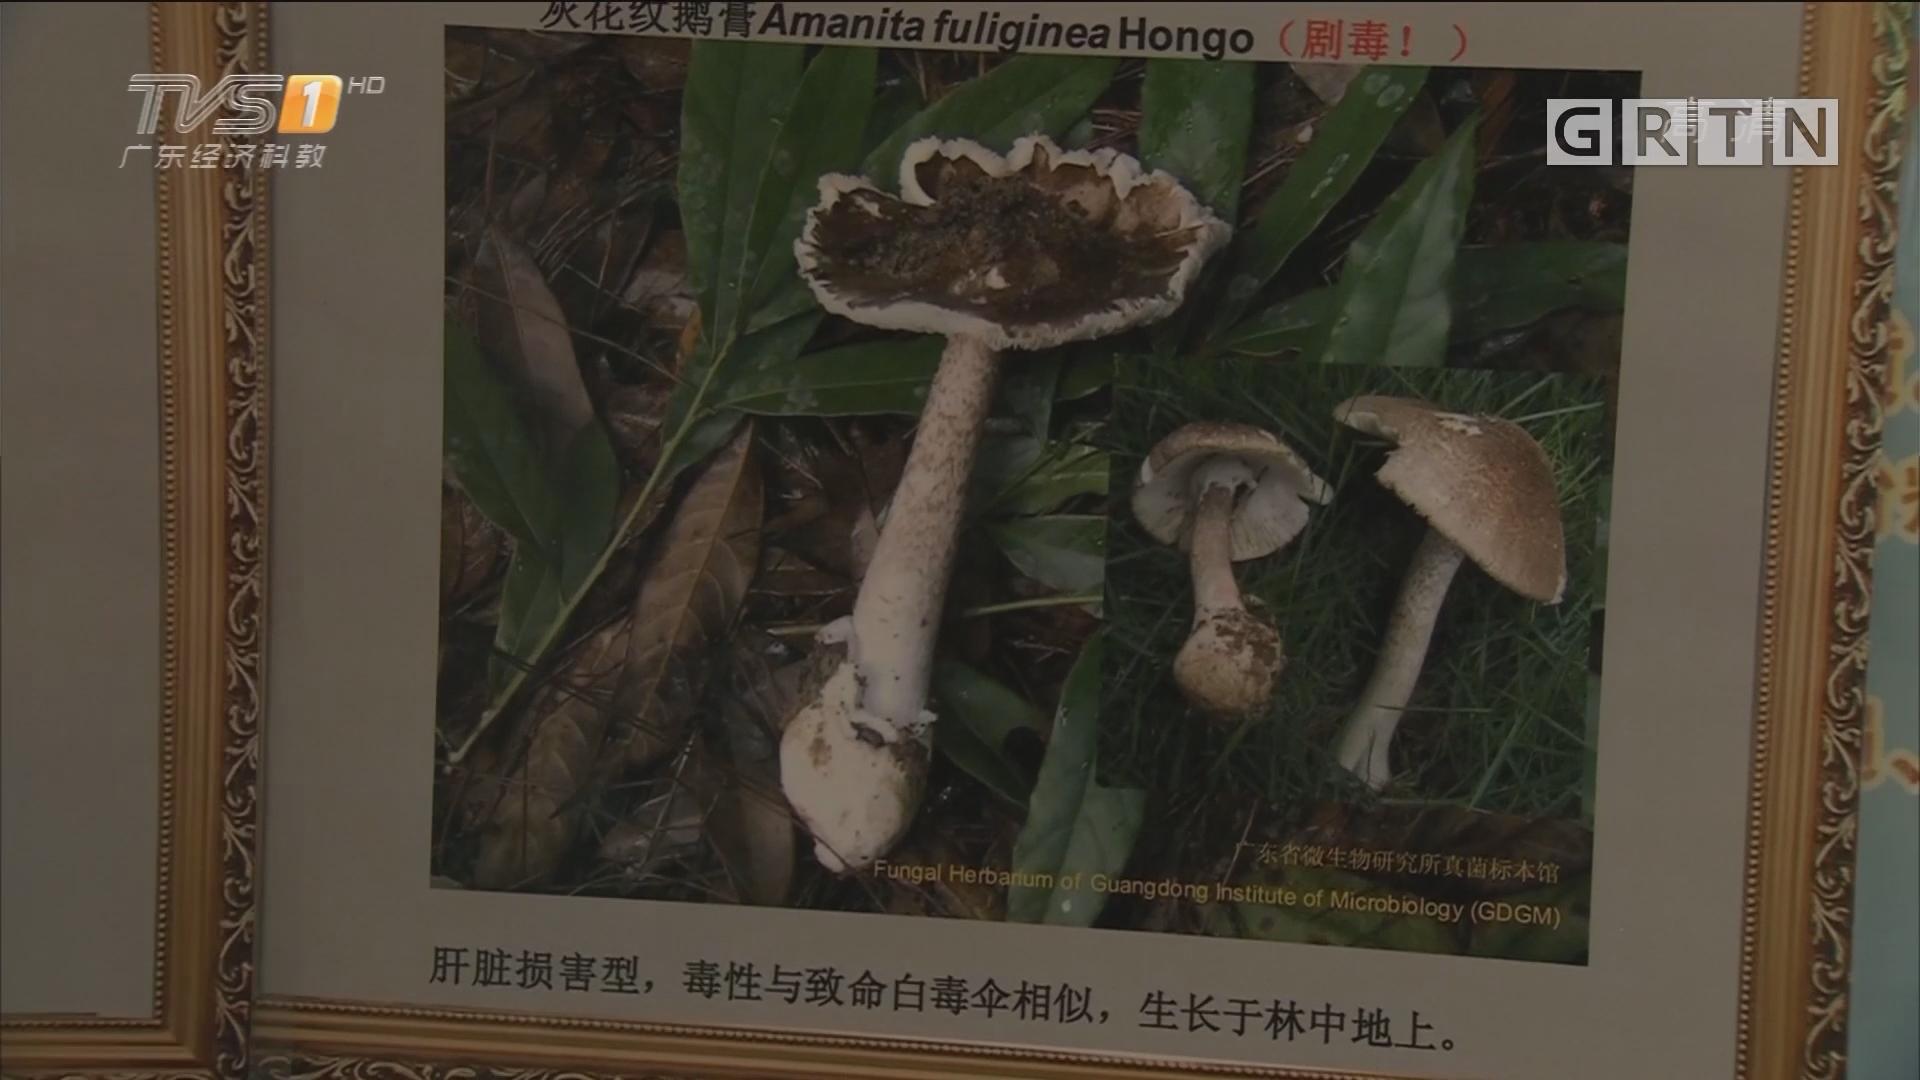 分辨毒蘑菇:毒菇颜色越鲜艳毒性越强? 专家释疑